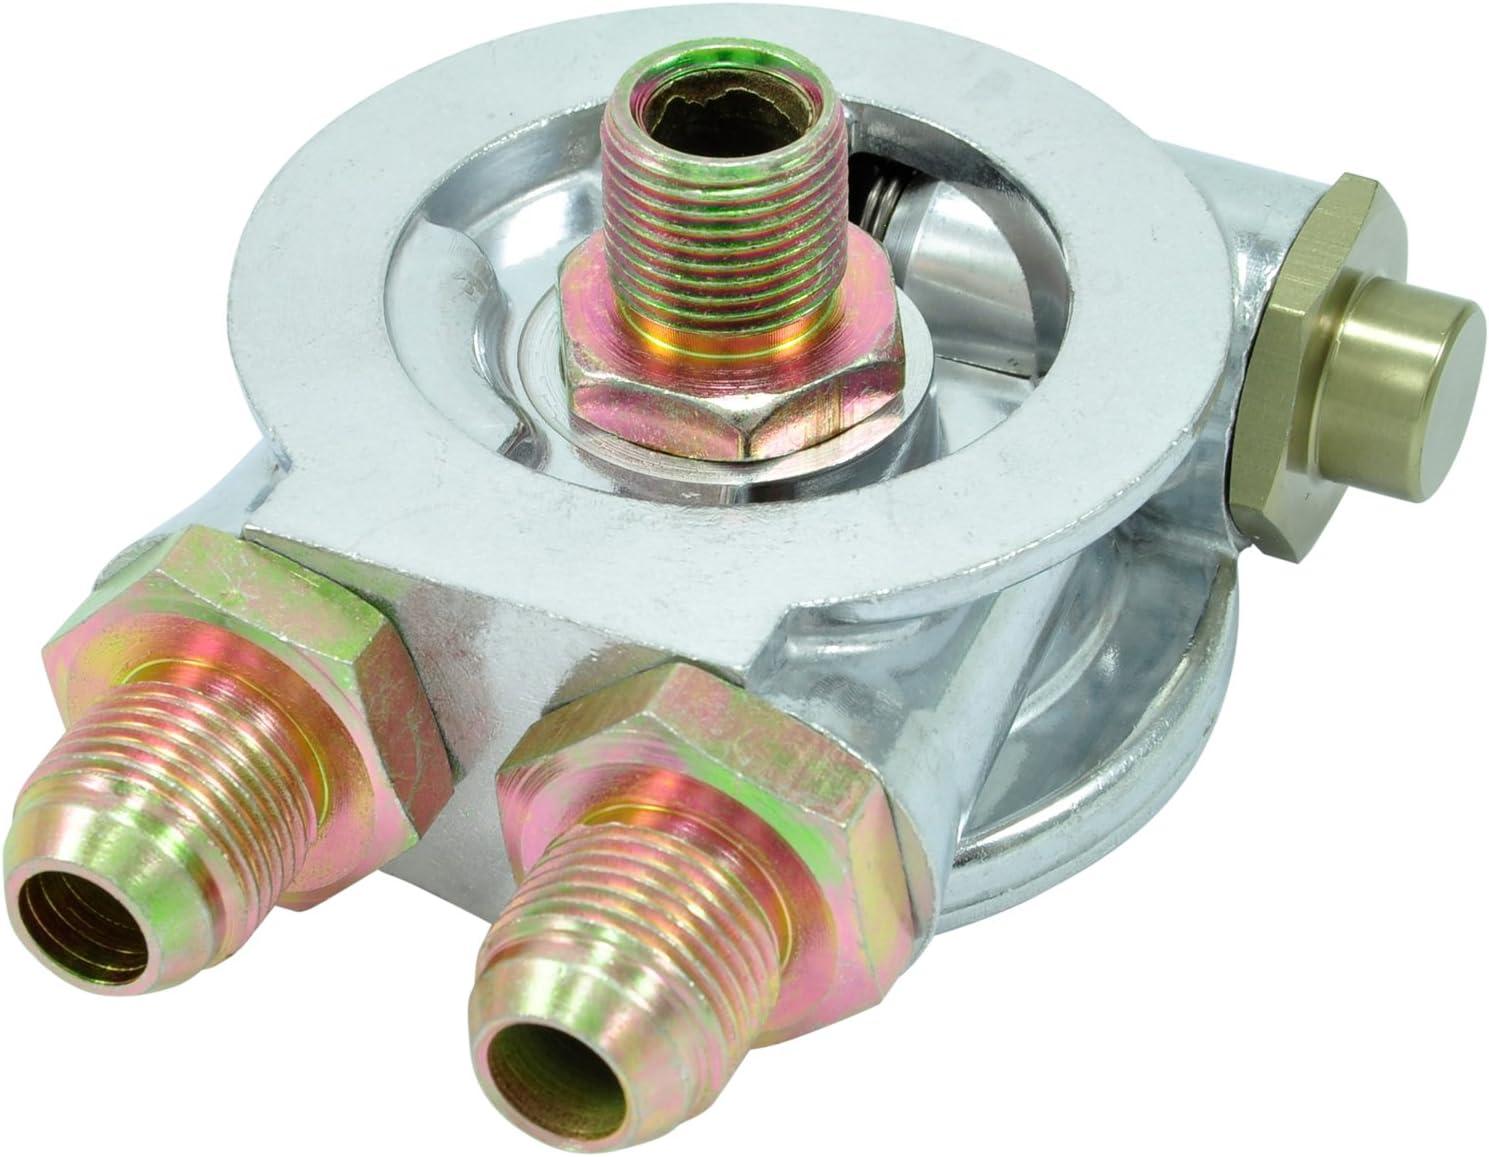 Filtre /à huile Sandwich Plaque Adaptateur AN8/3//4 16/avec thermostat pour externe dhuile